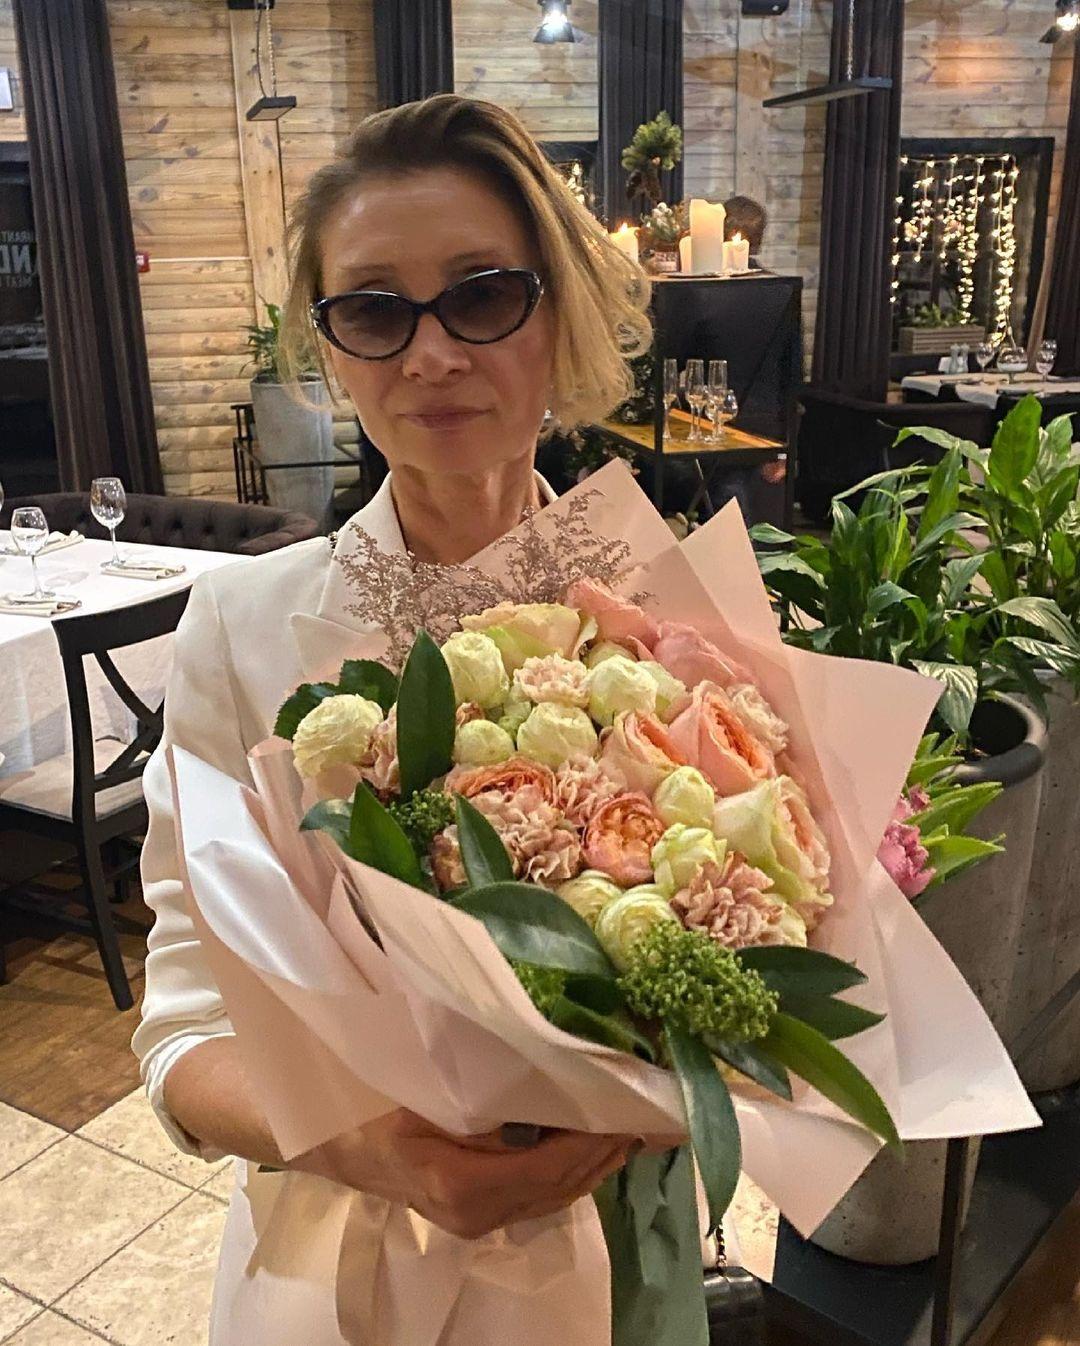 день матери украинские звезды как празднуют что дарят Катя Осадчая беременна мать